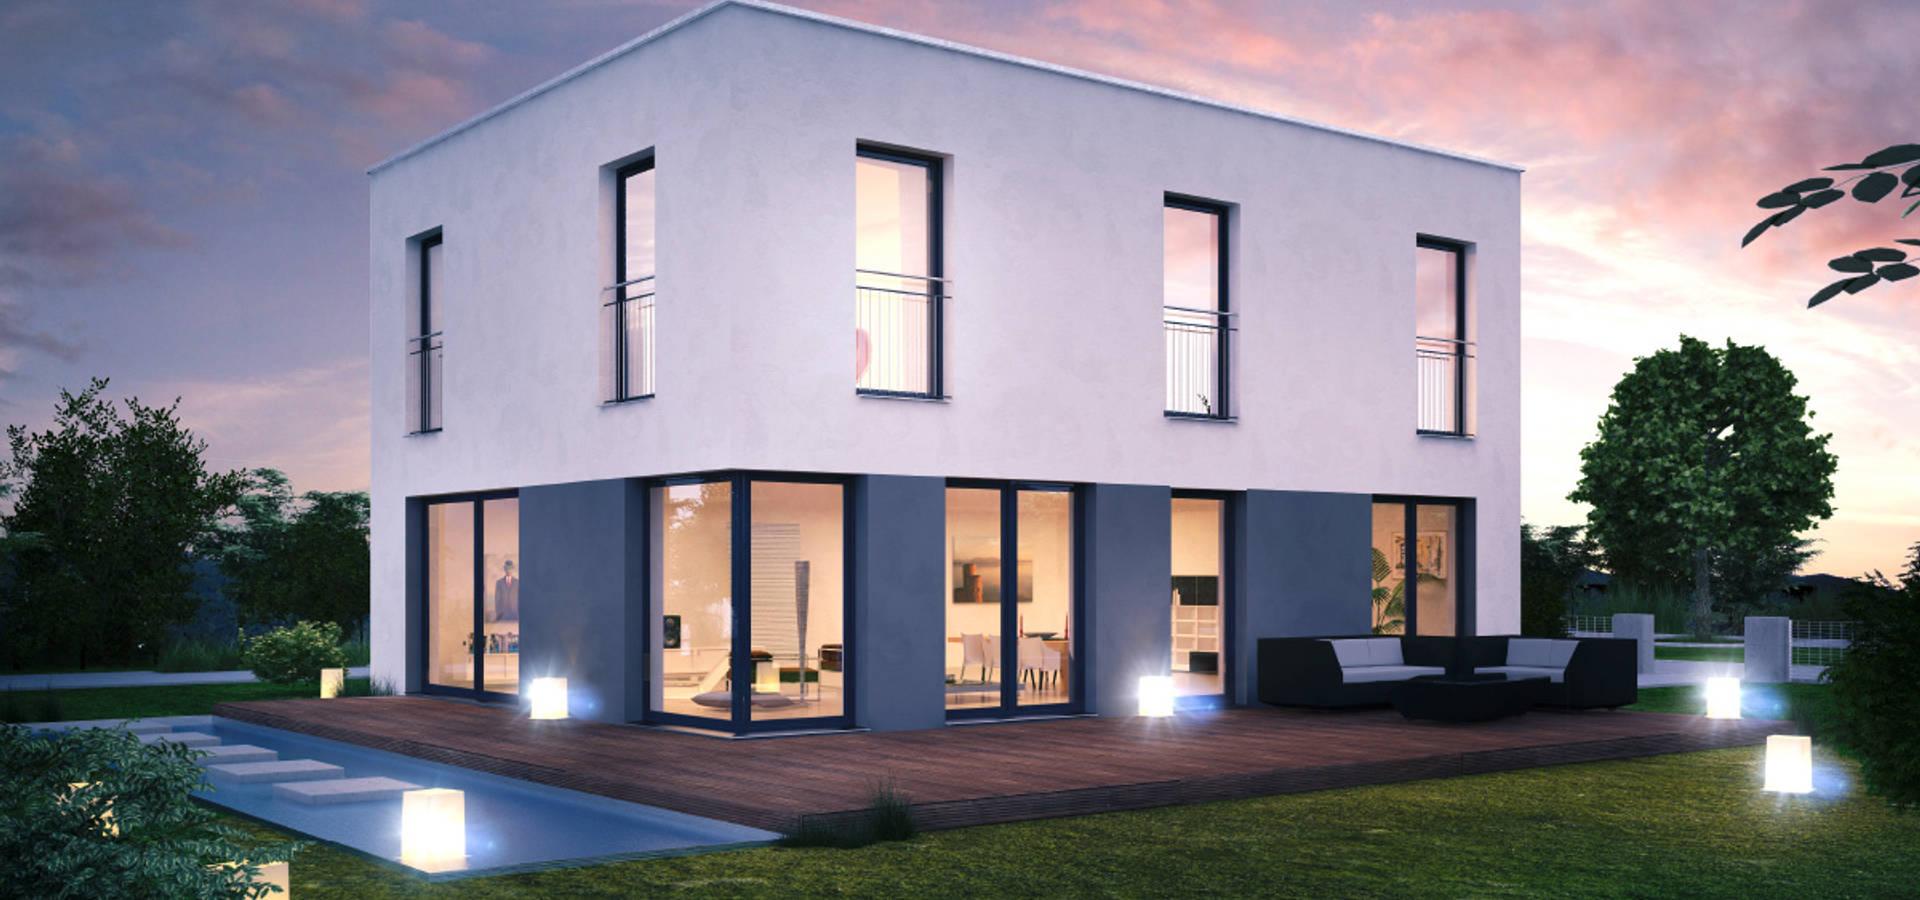 Massivhaus Modern icon cube modernes wohnen im bauhaus stil by dennert massivhaus